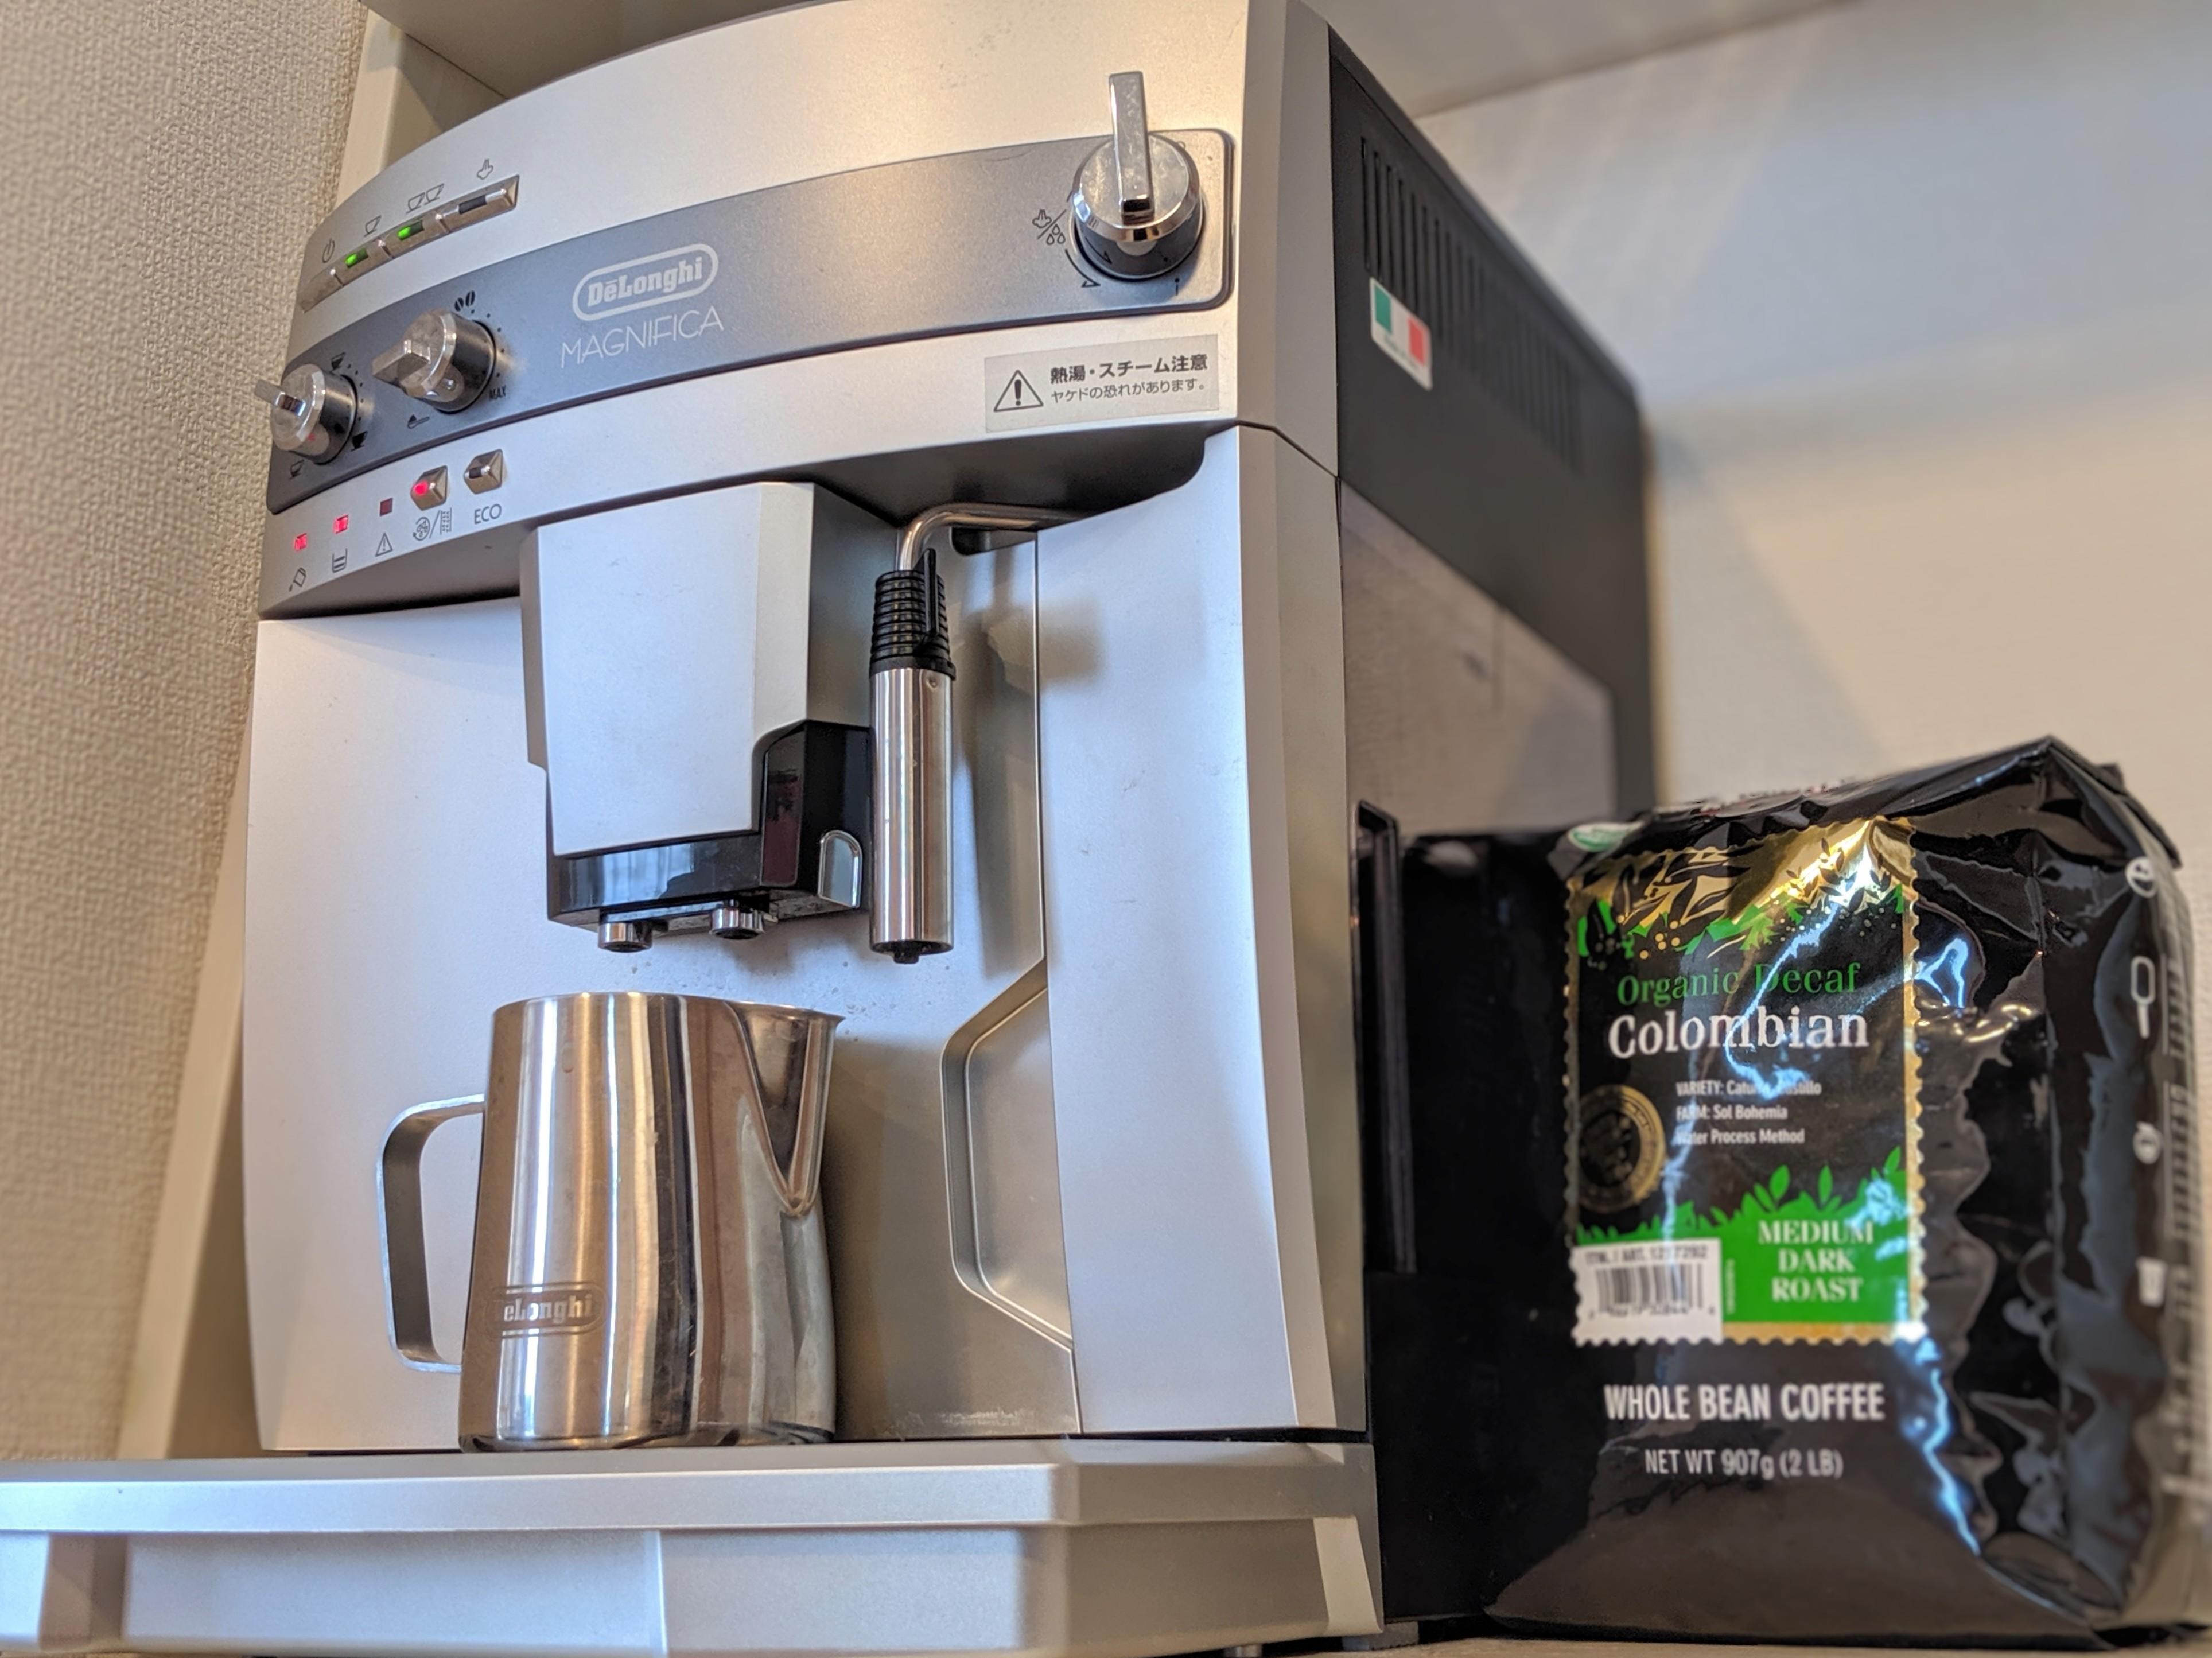 デロンギ マグニフィカ コーヒーメーカー